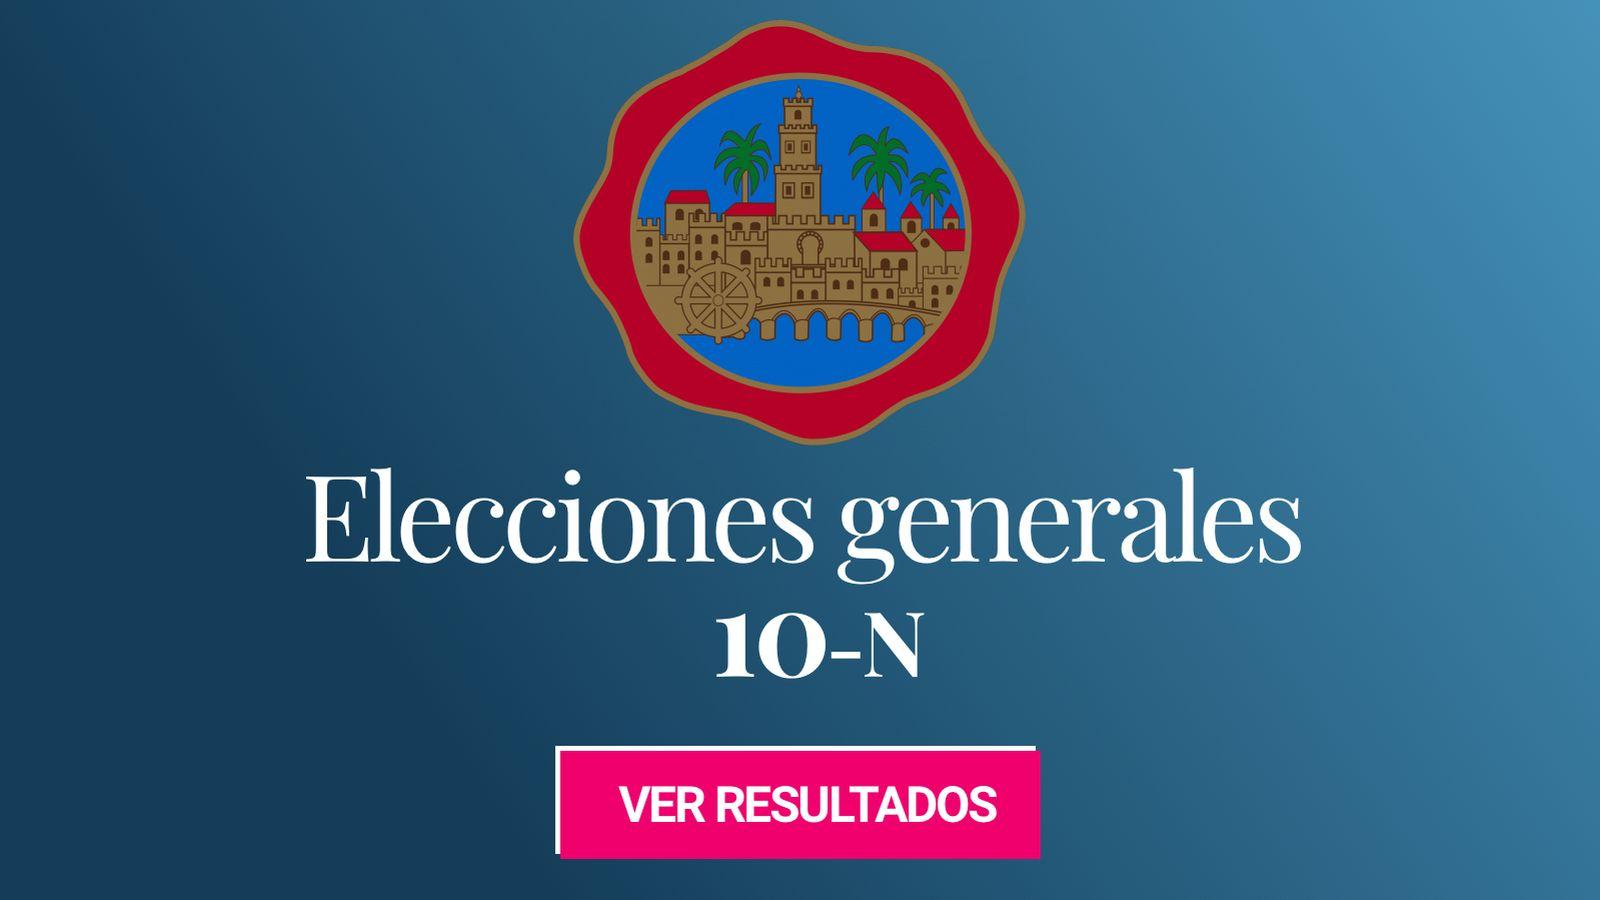 Foto: Elecciones generales 2019 en Córdoba. (C.C./EC)